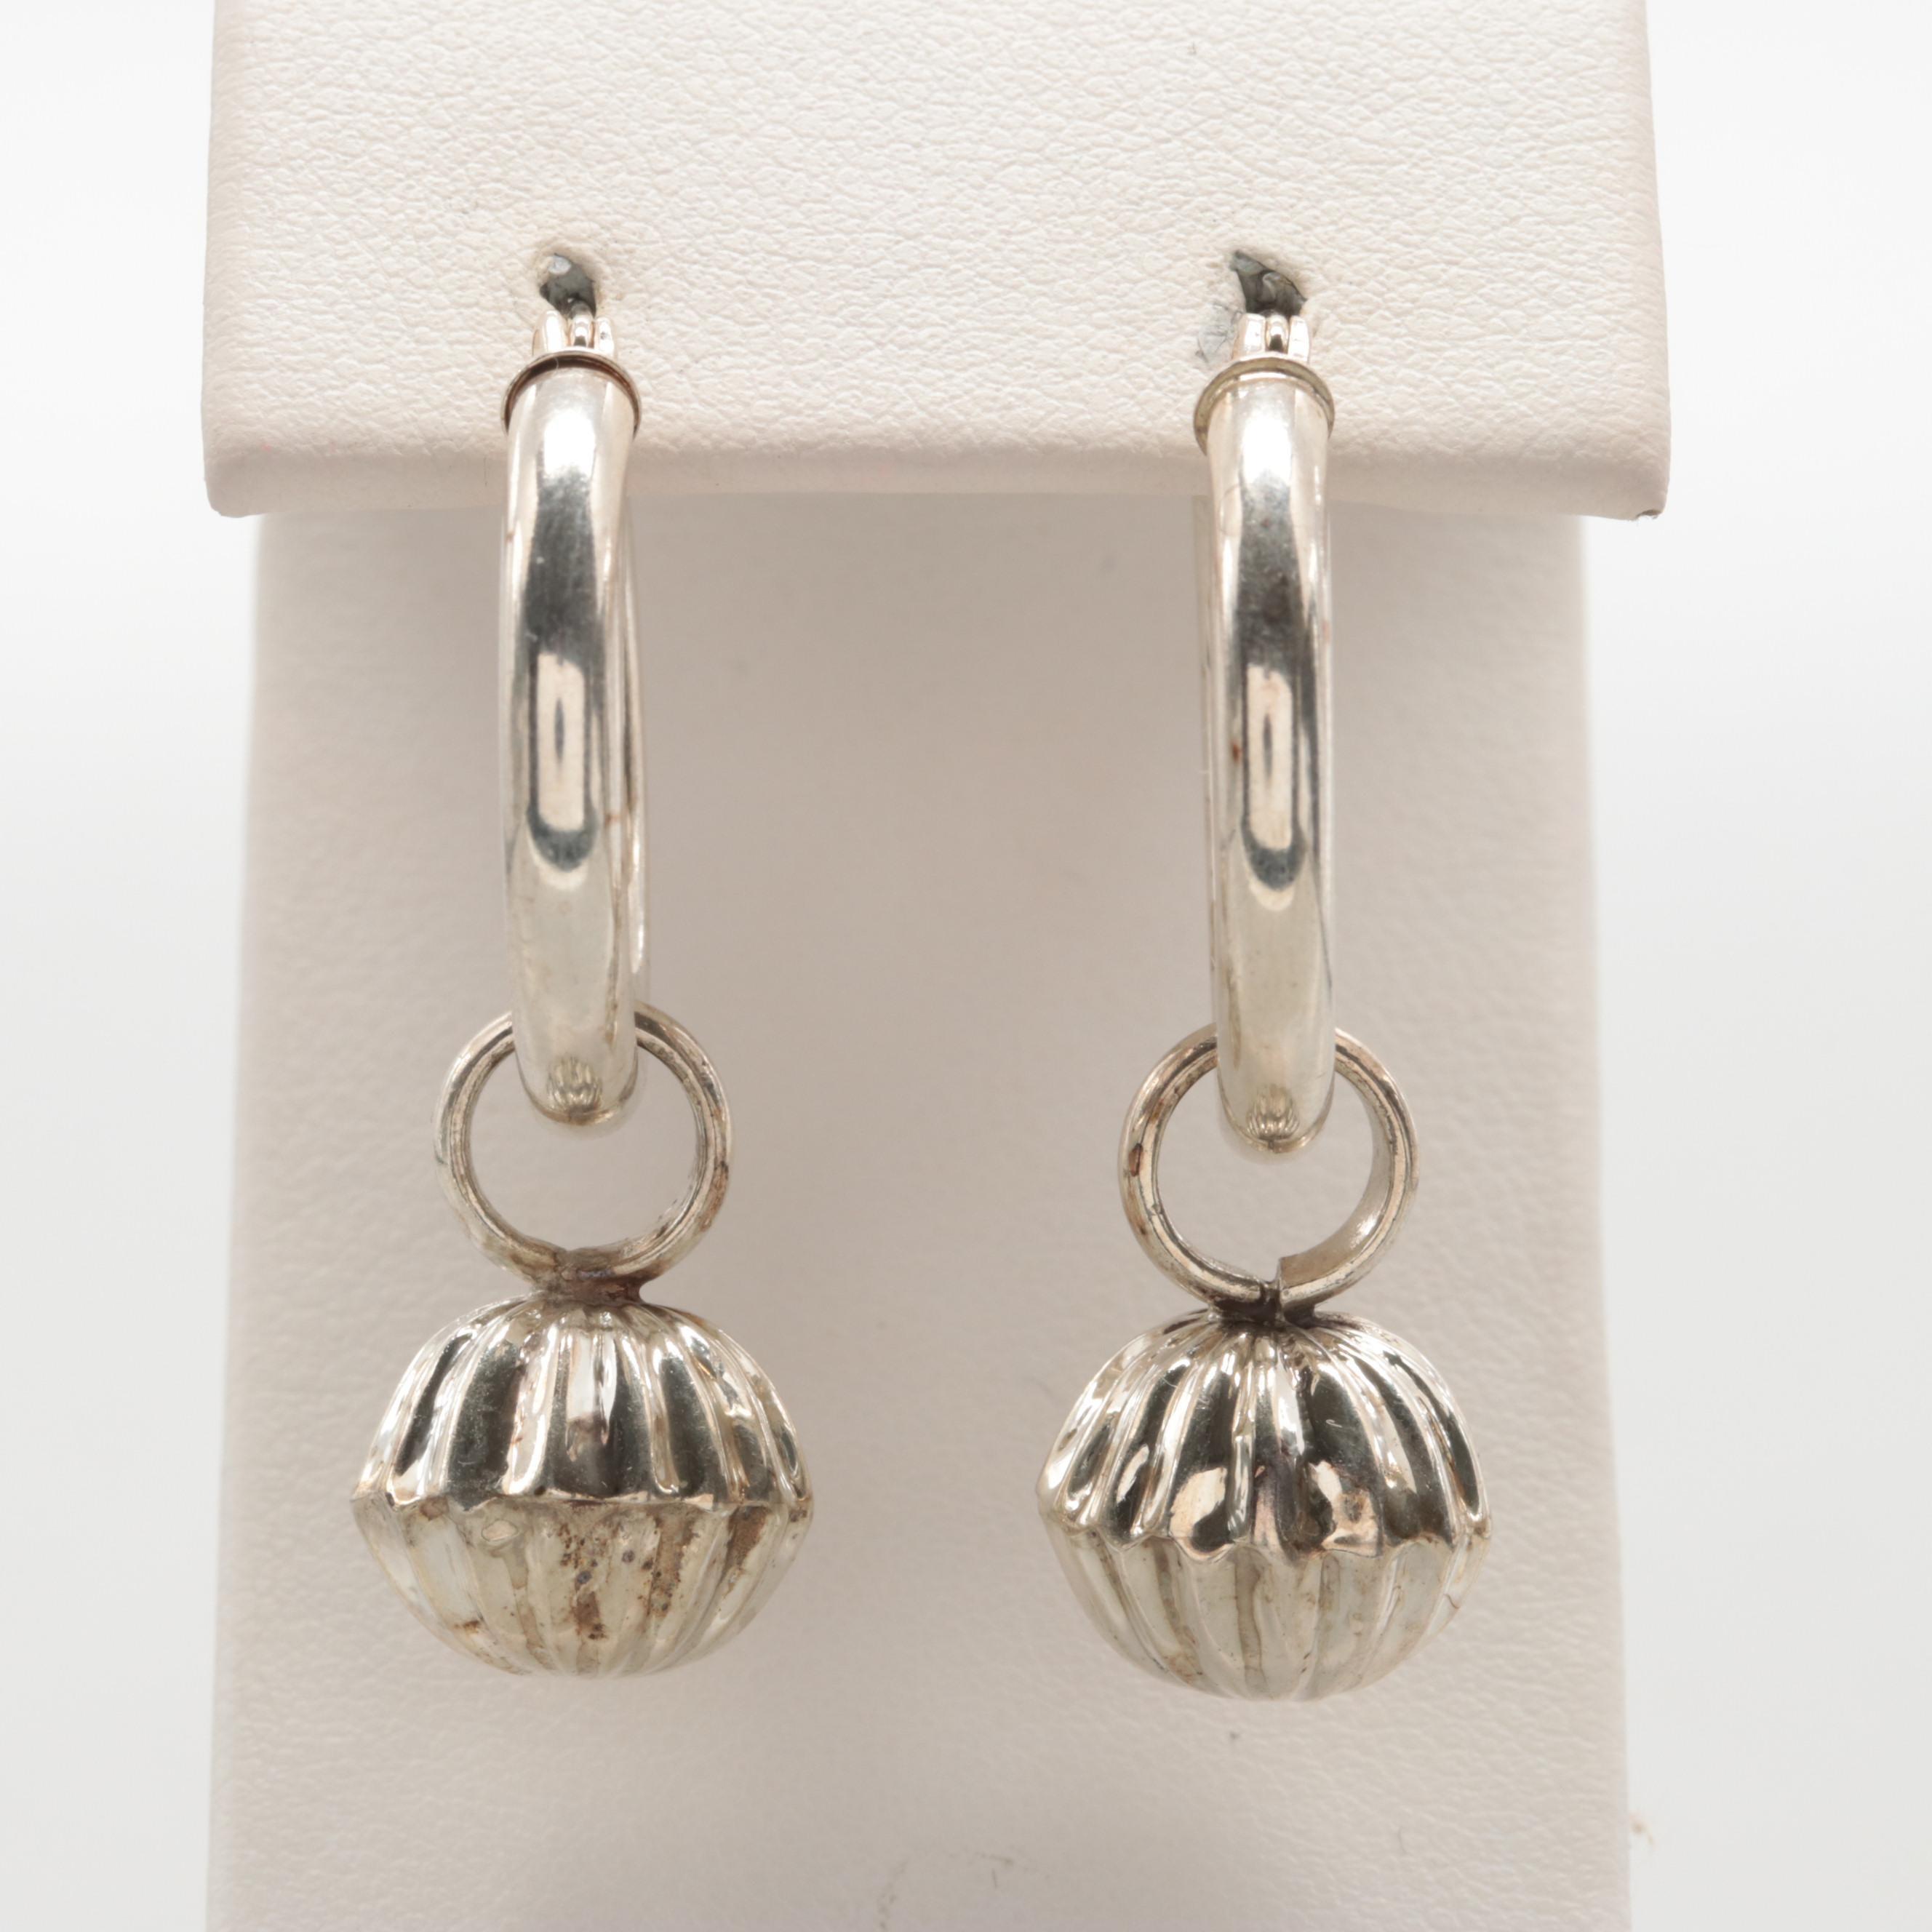 Sterling Silver Hoop Earrings With Dangle